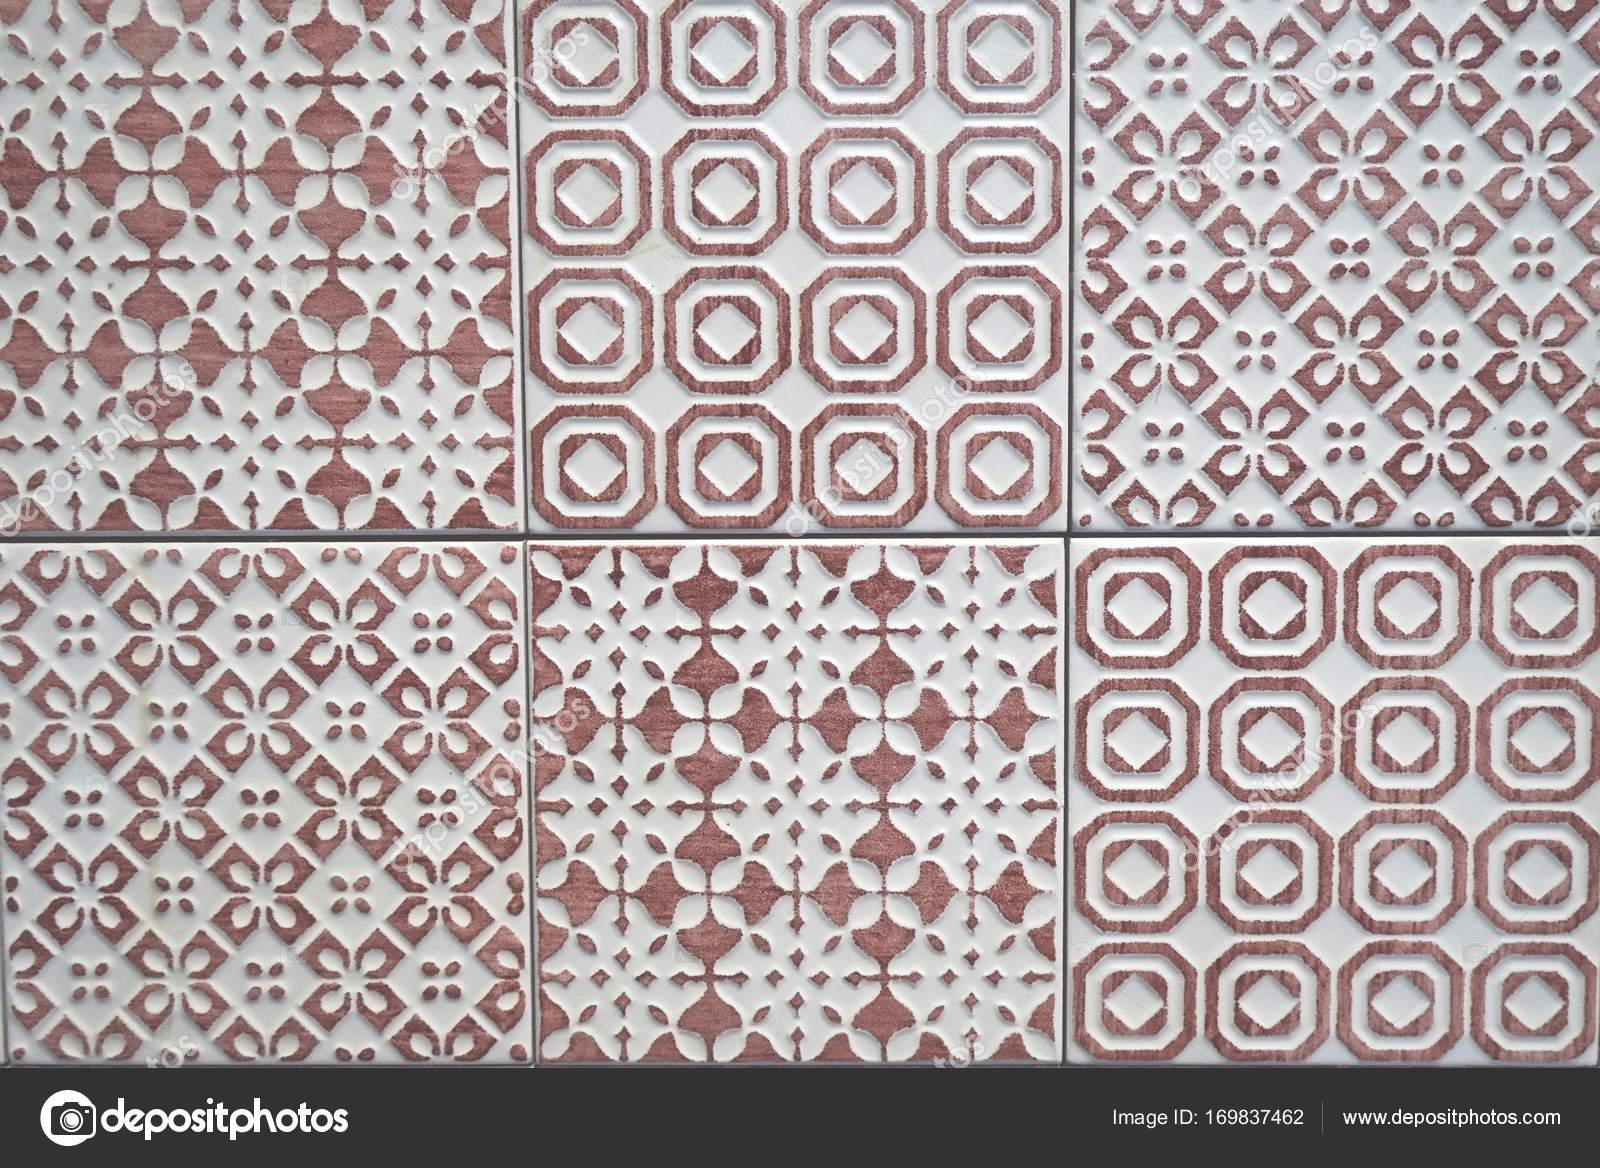 Piastrelle in ceramica viola bianco e luce texture modello senza